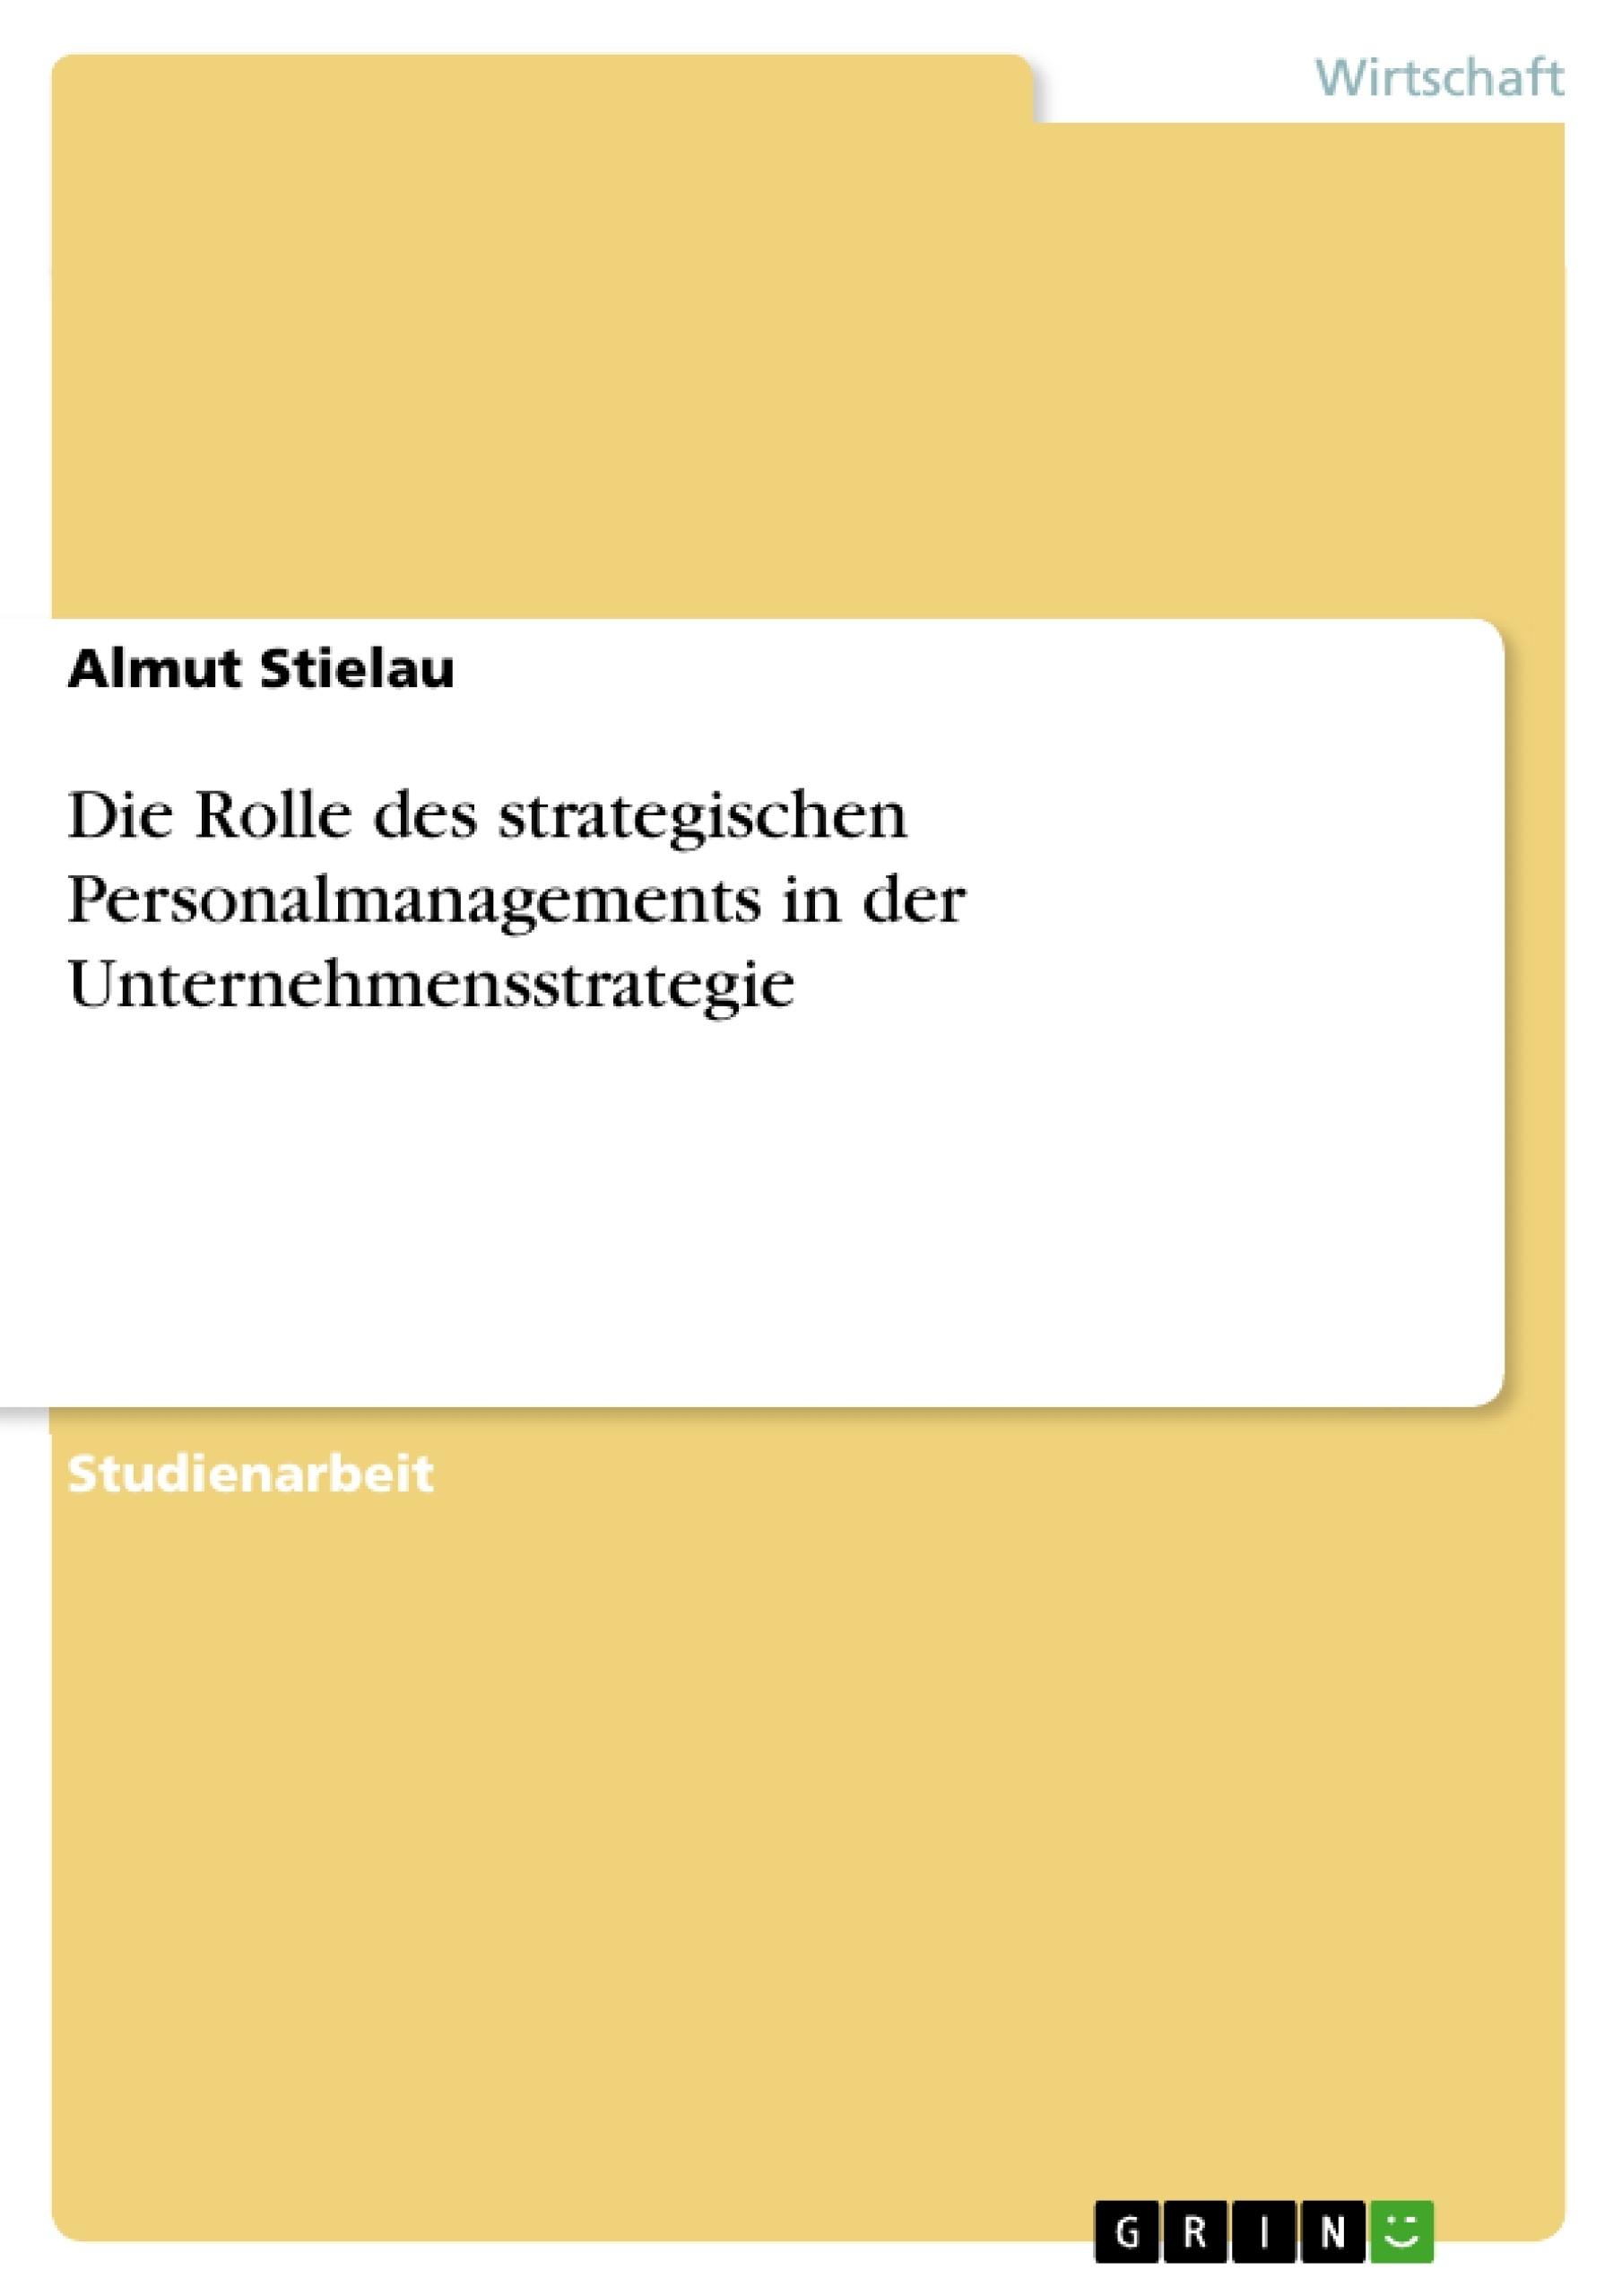 Die Rolle des strategischen Personalmanagements in der ...